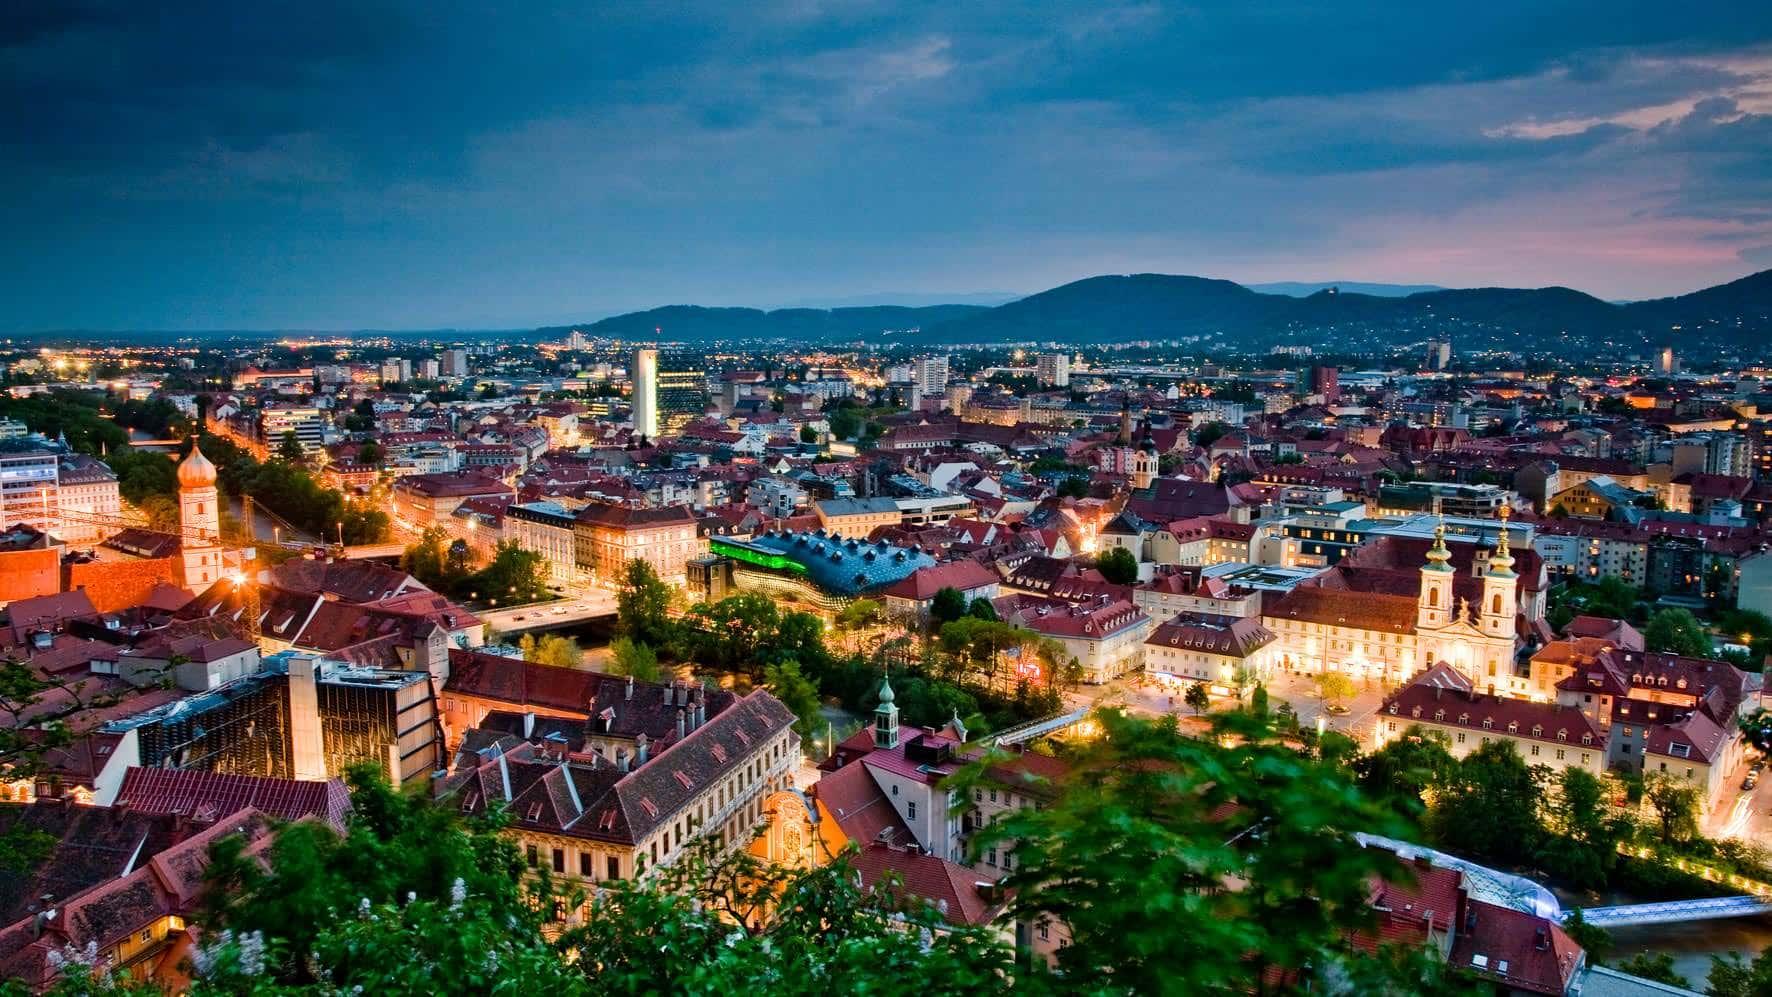 Dachlandschaft (c) Graz Tourismus - Werner Krug